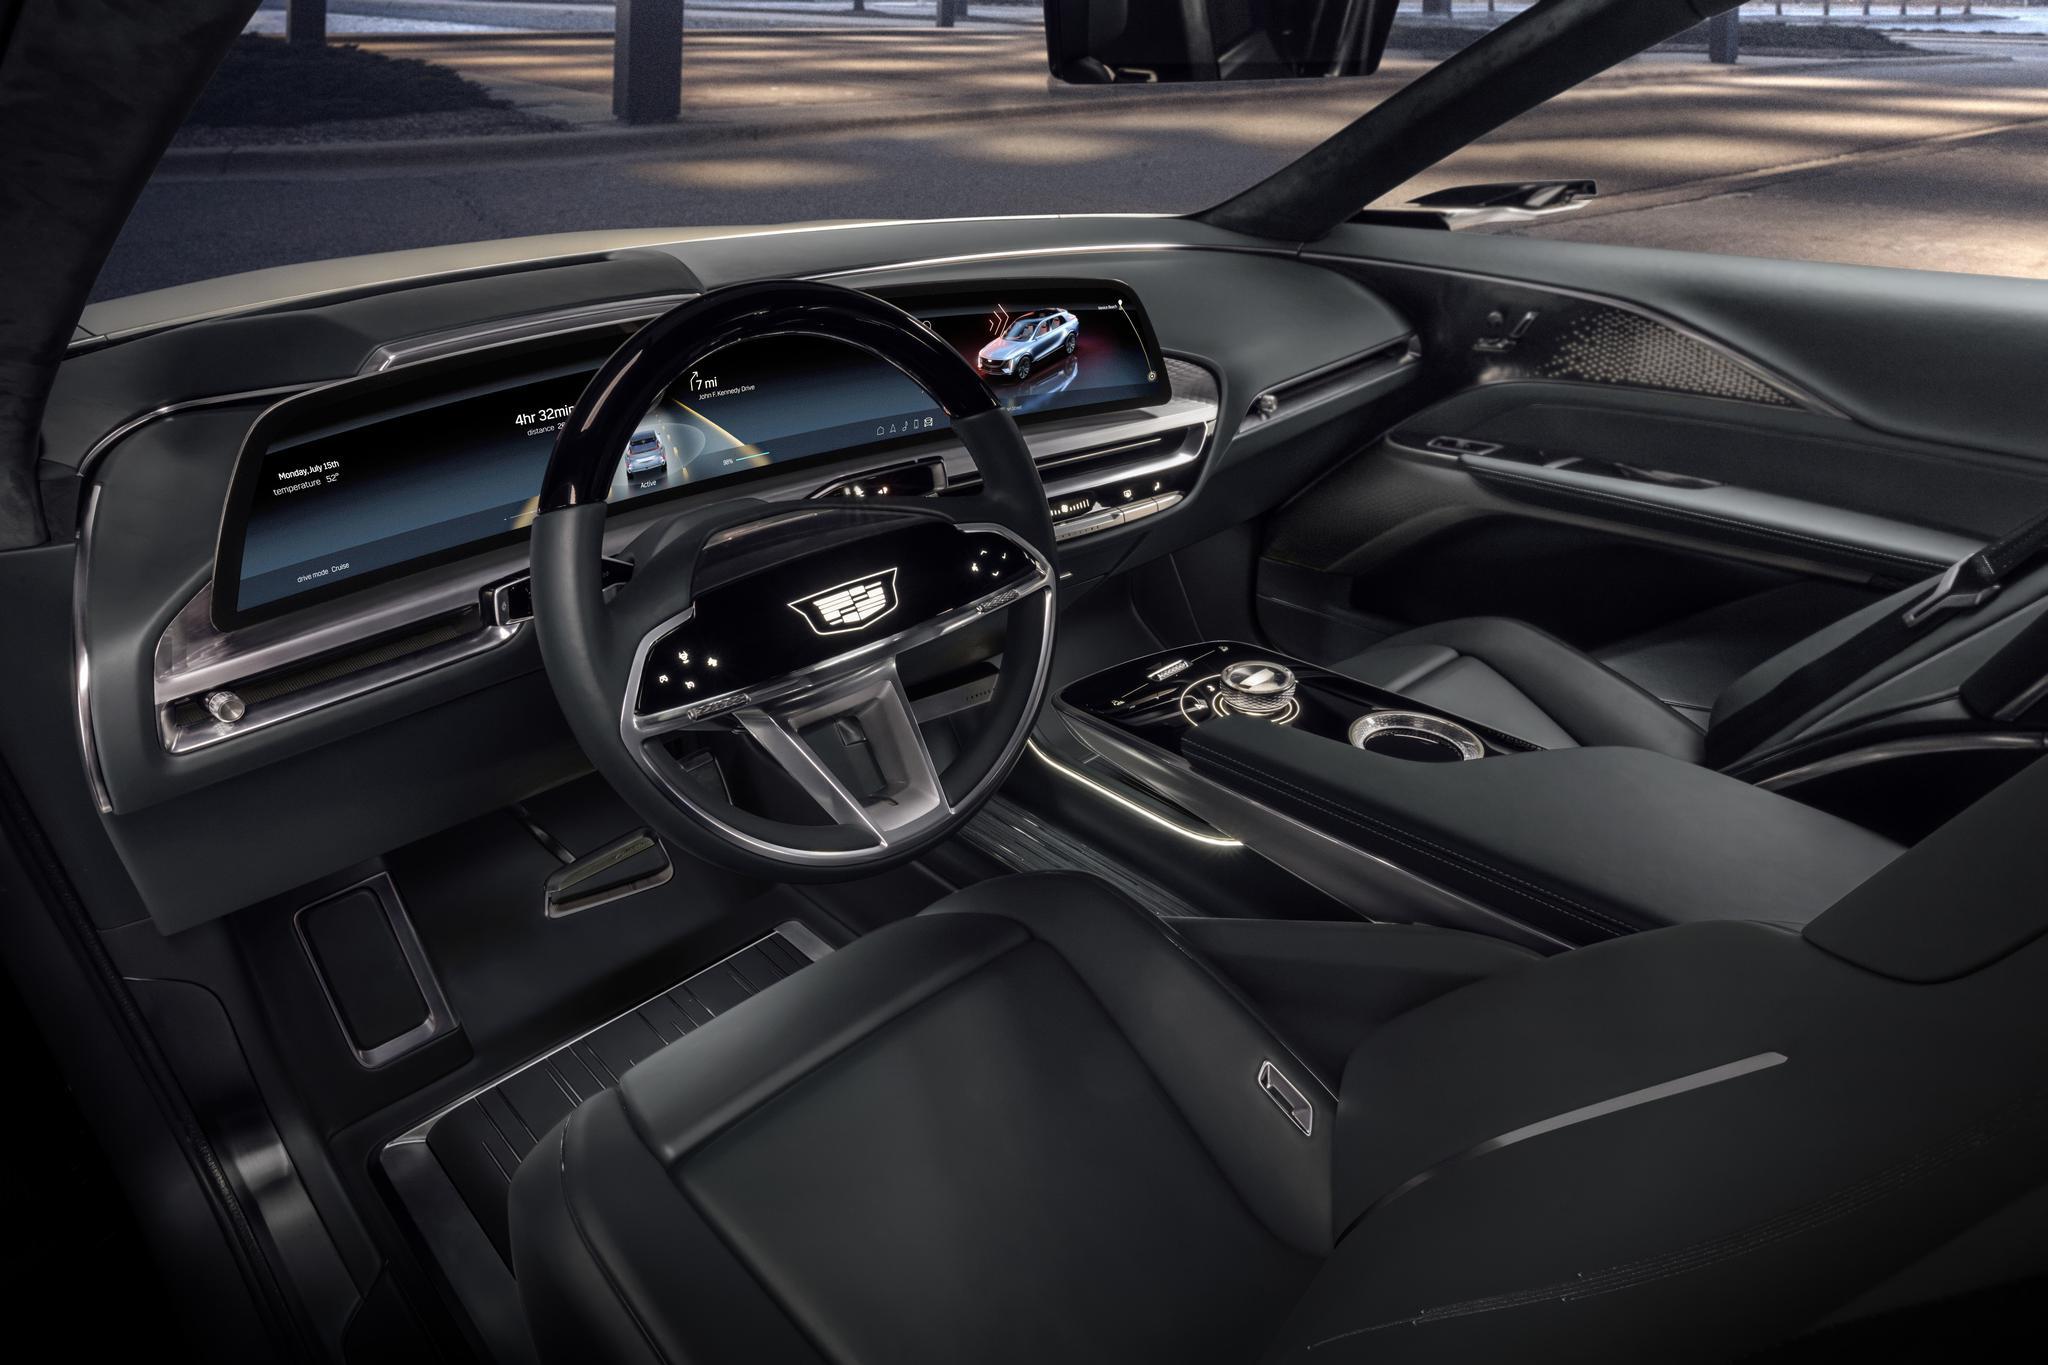 全新一代VCS虚拟座舱系统将于2022年率先搭载于凯迪拉克车型